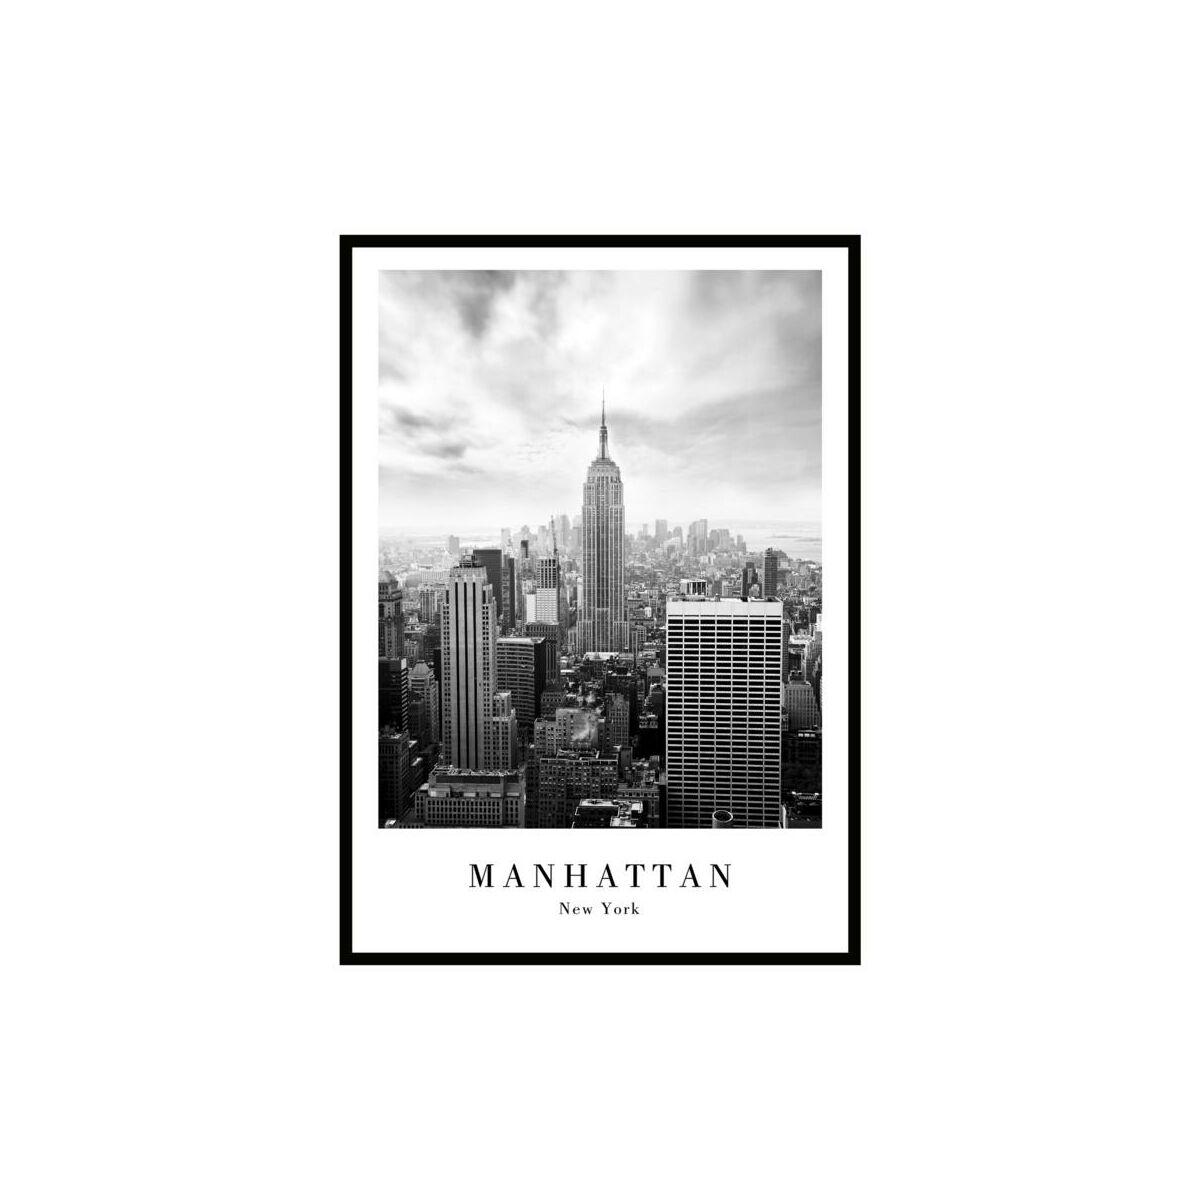 Obraz Manhattan 50 X 70 Cm Obrazy Kanwy W Atrakcyjnej Cenie W Sklepach Leroy Merlin